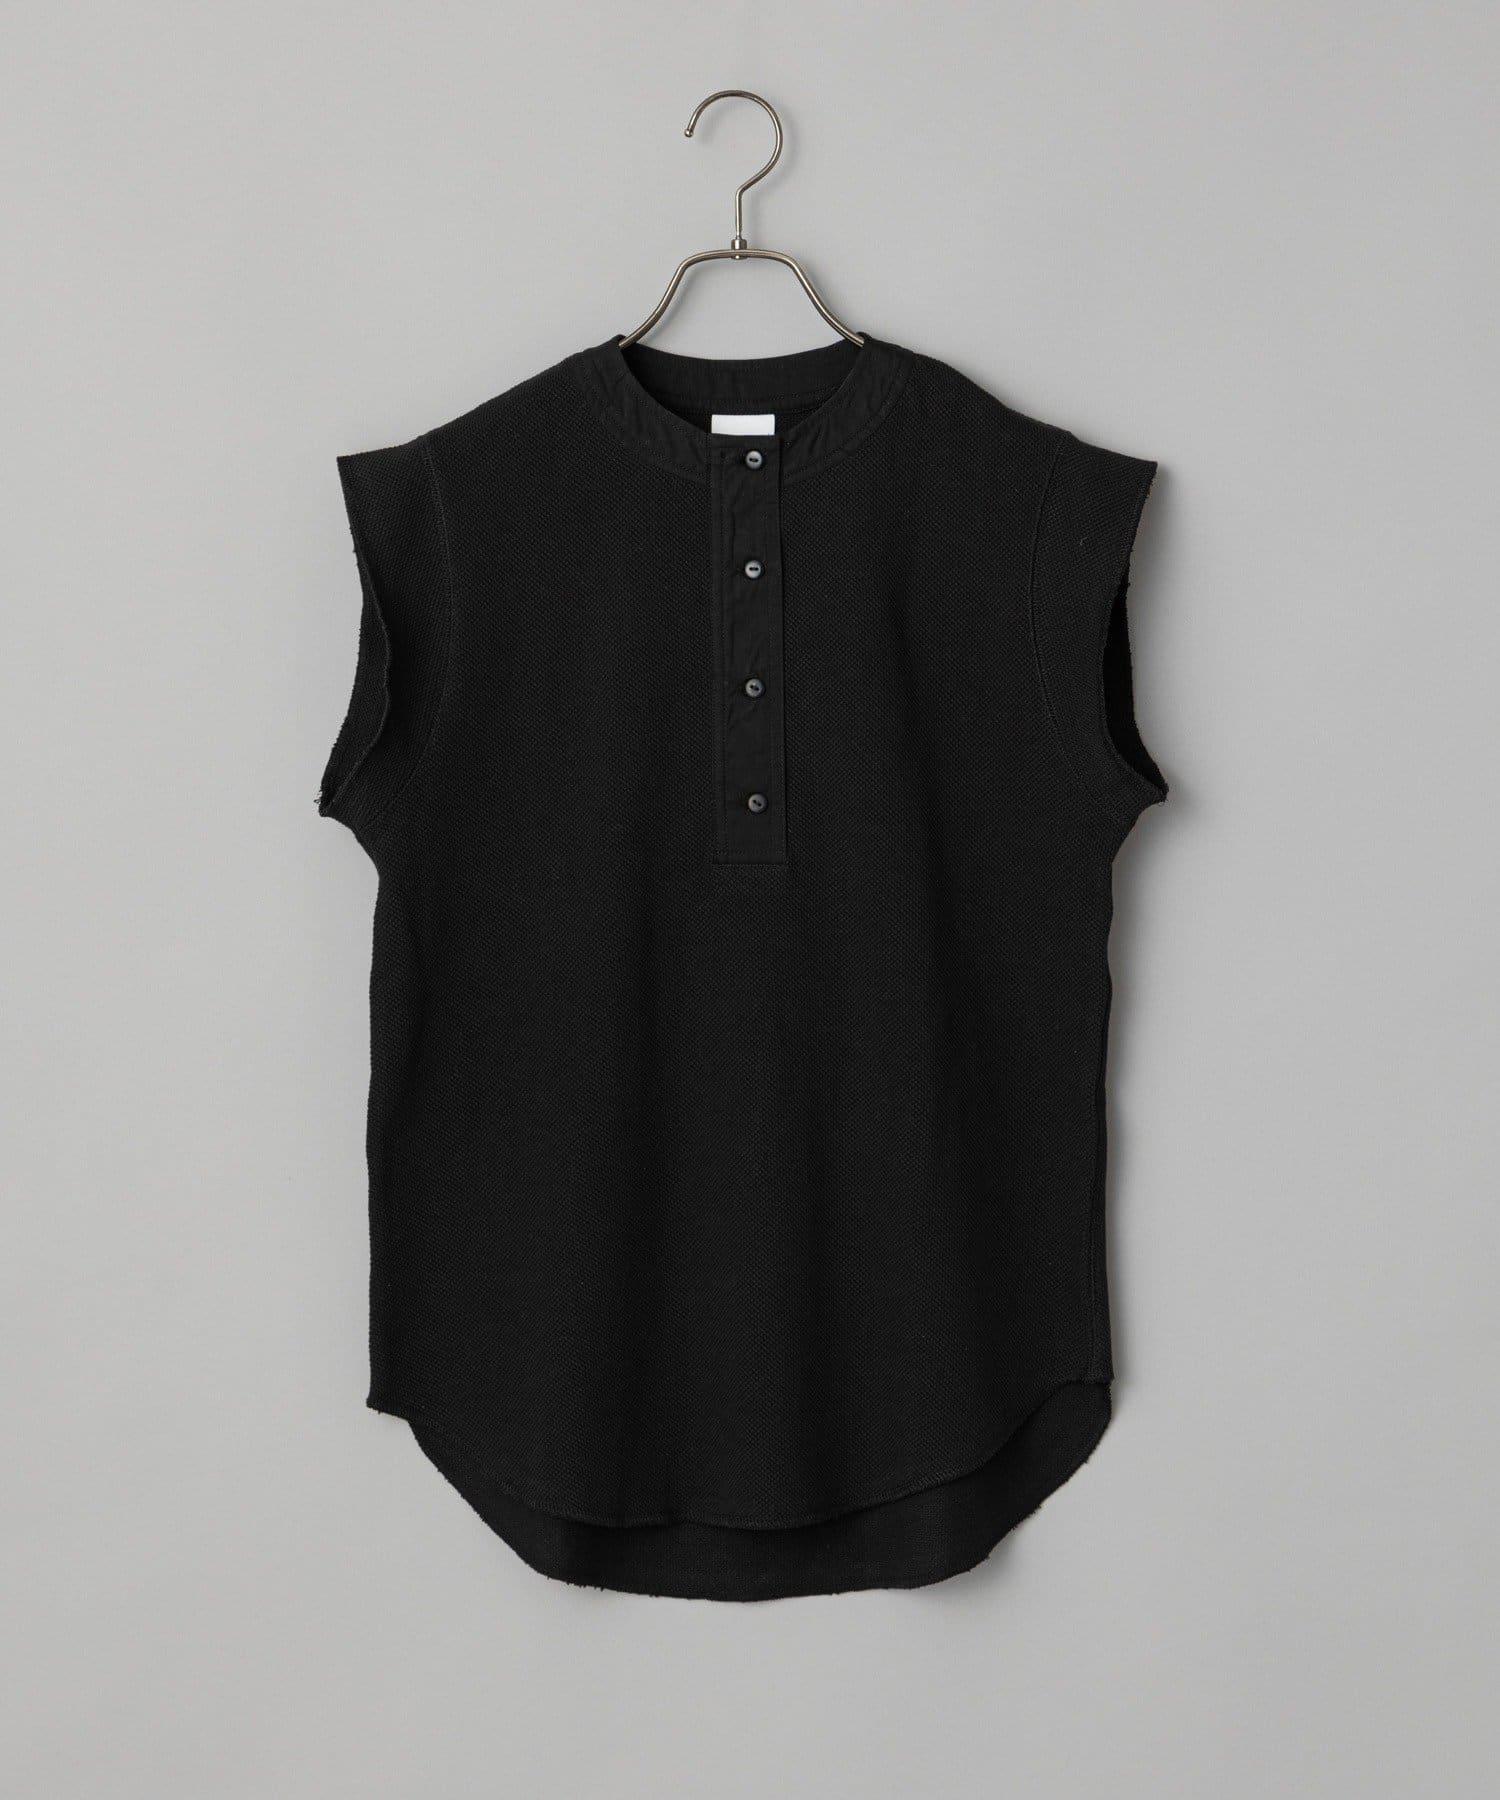 CIAOPANIC(チャオパニック) アーミーフレンチスリーブTシャツ